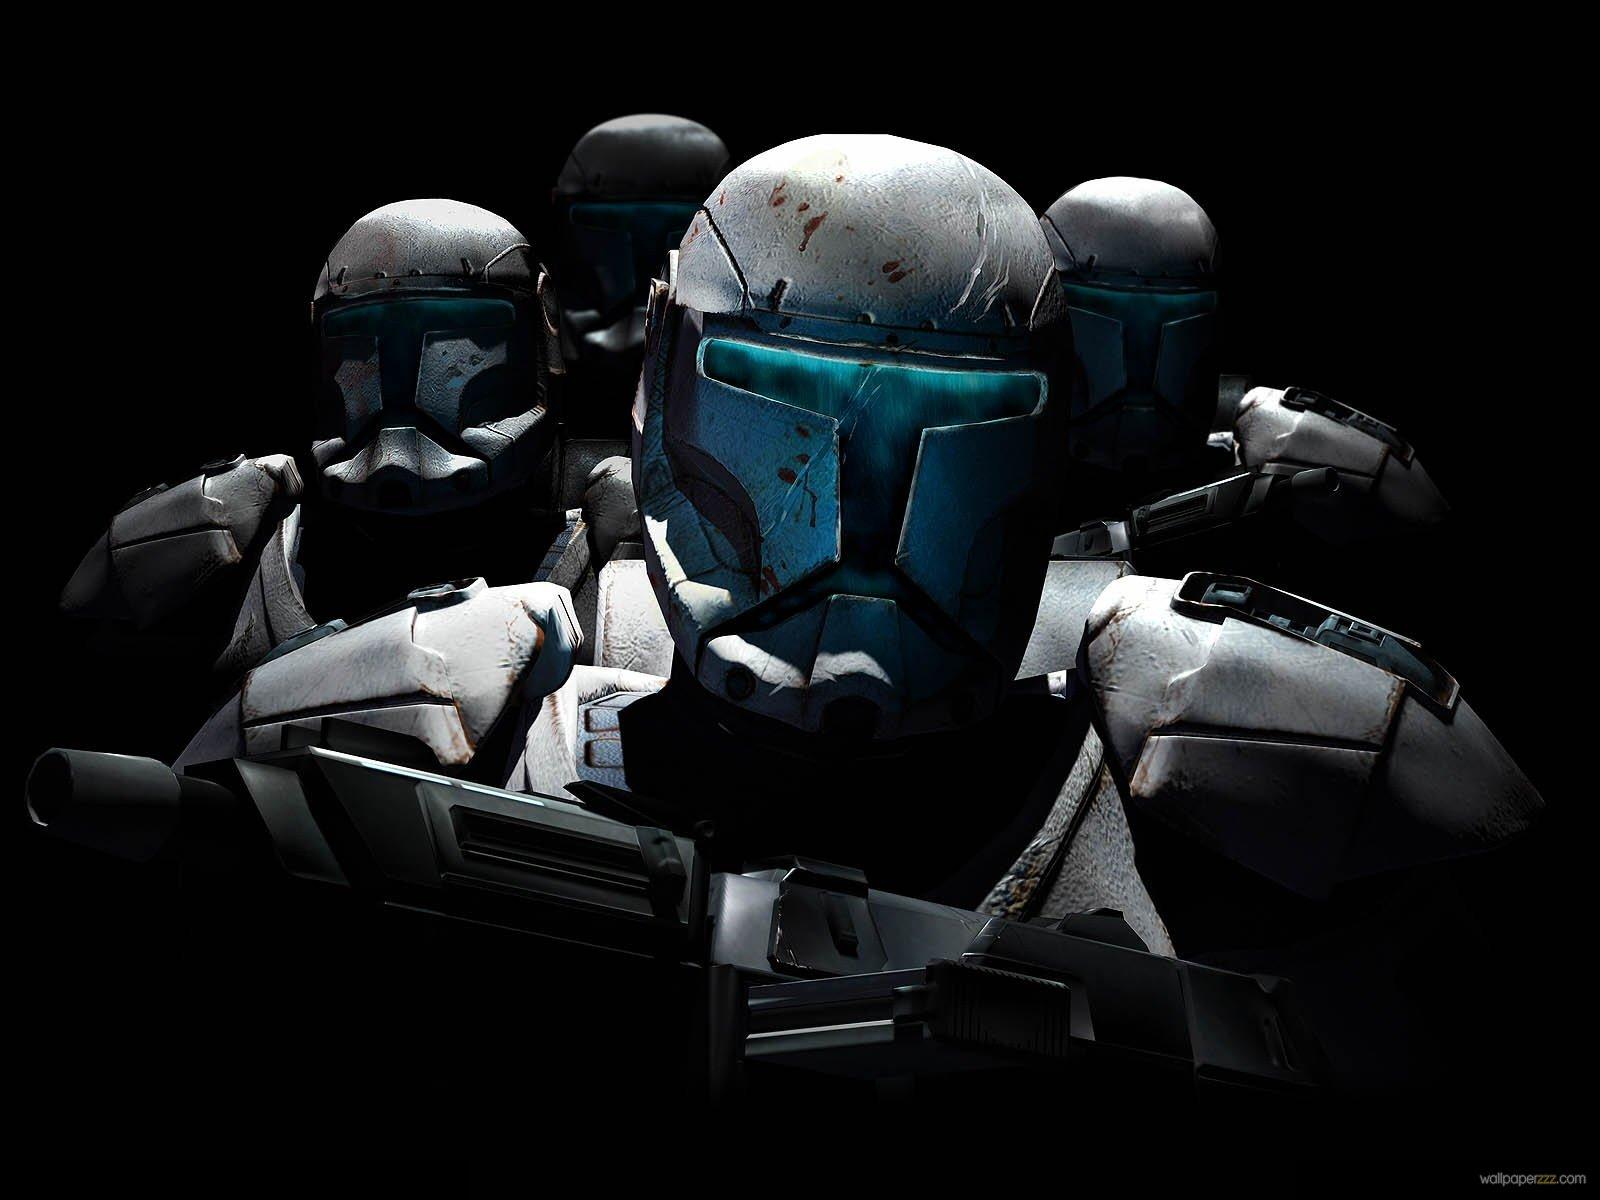 Download Star Wars Republic Commando Wallpaper Wallpaper 1600x1200